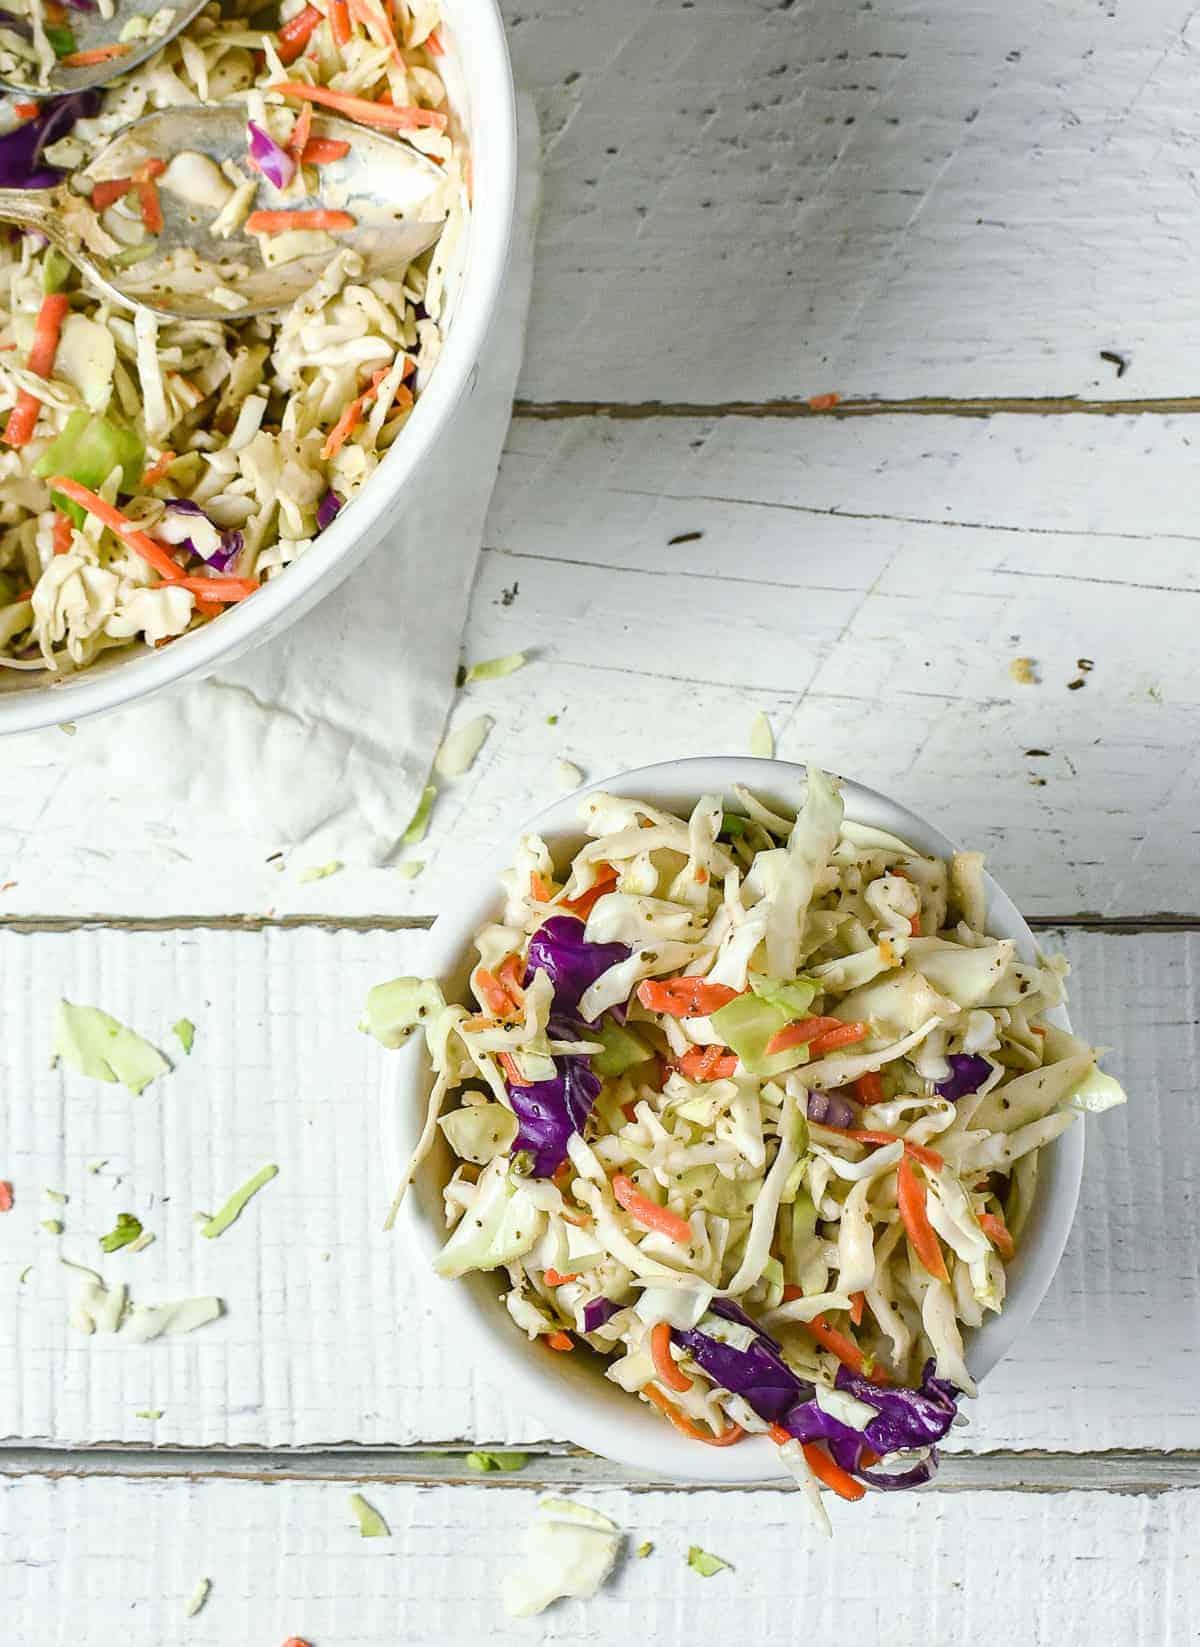 Vinegar coleslaw in bowl.